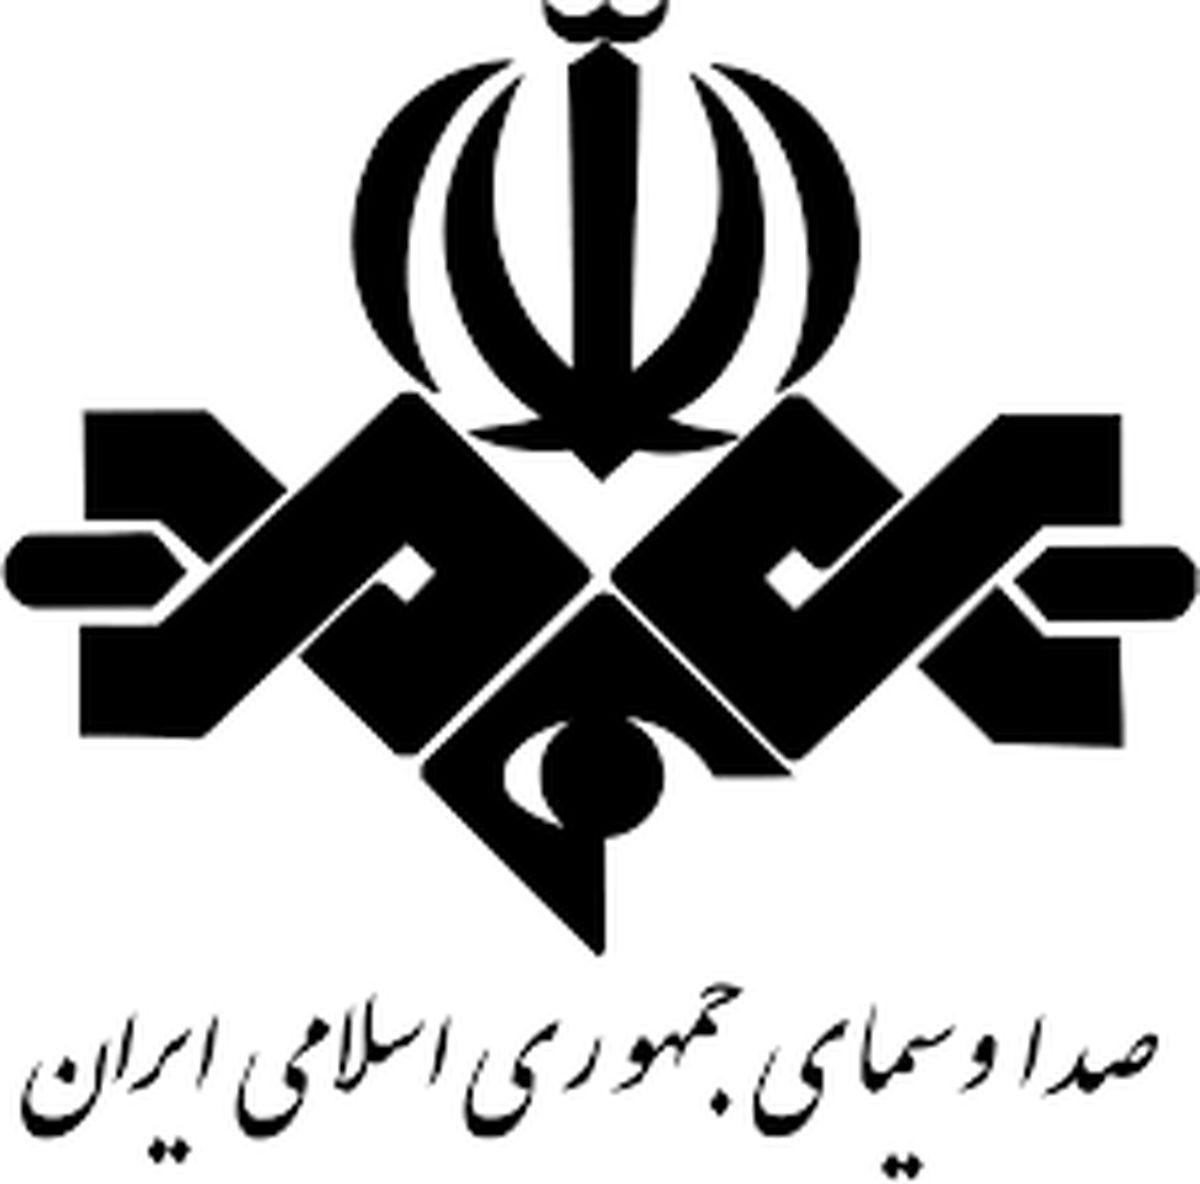 پیشنهاد جنجالی مجری/ همین الآن دولت رو تحوبل بدین برین!+ فیلم